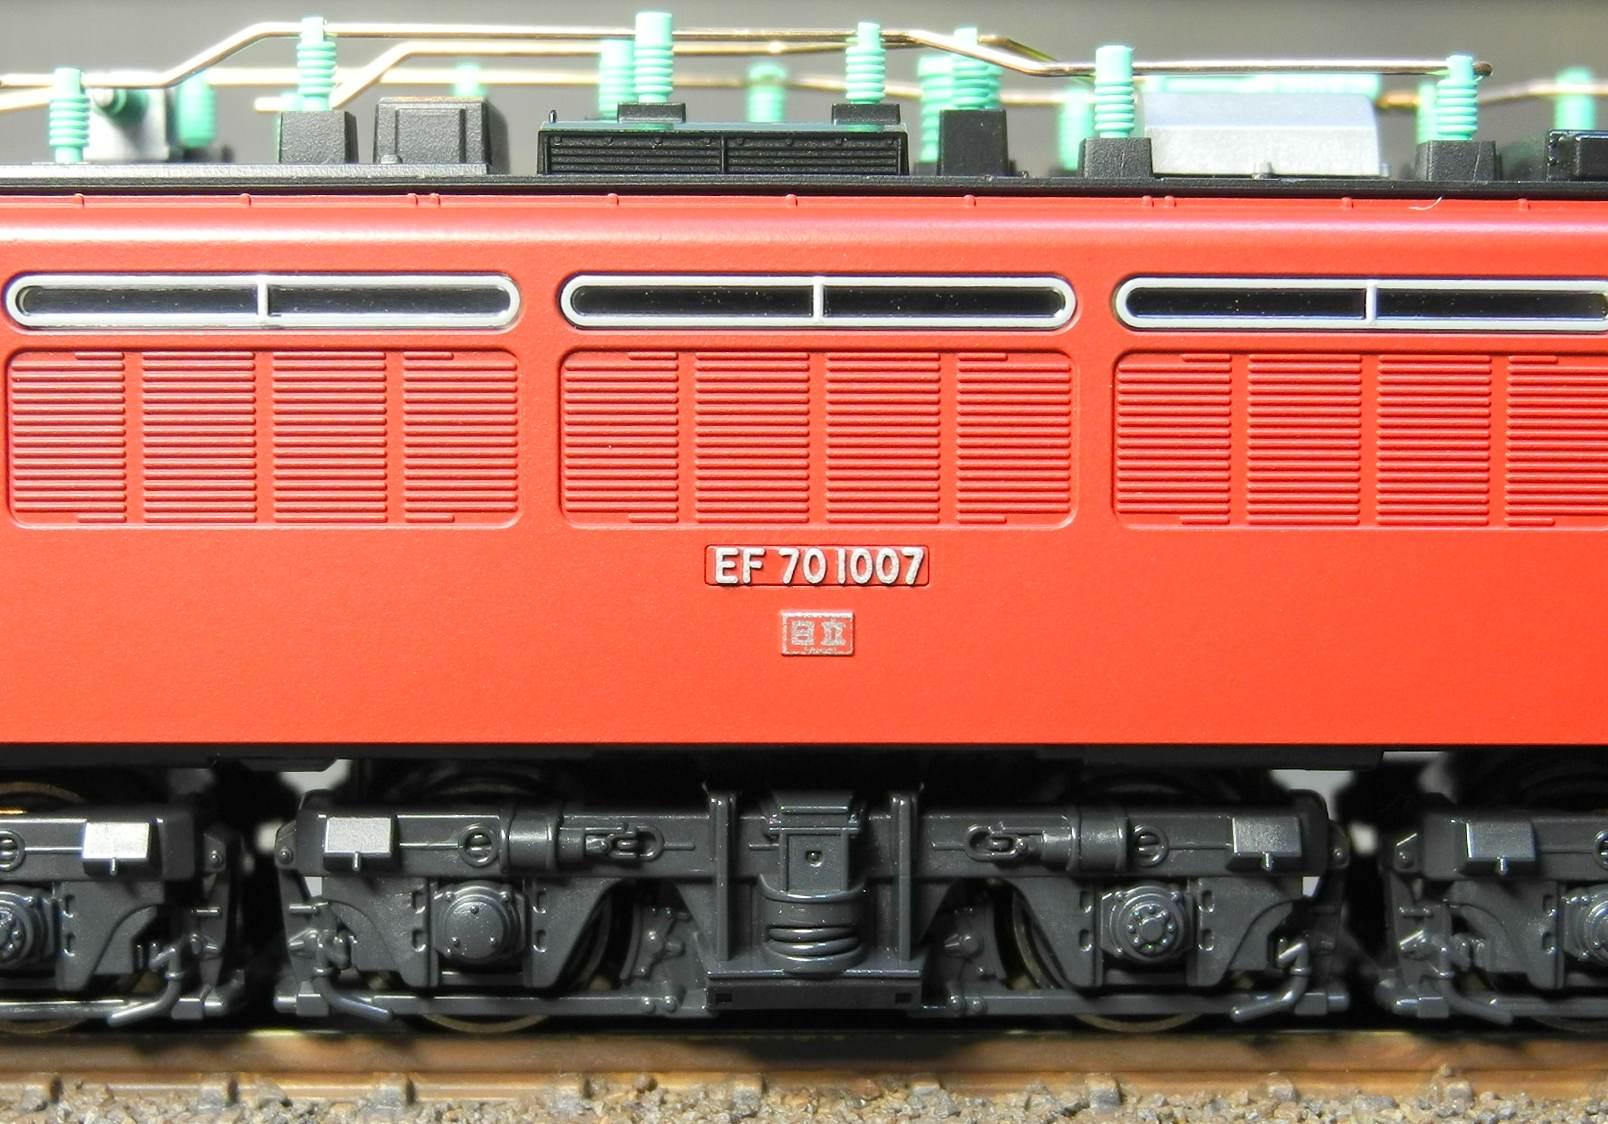 DSCN8025-1.jpg